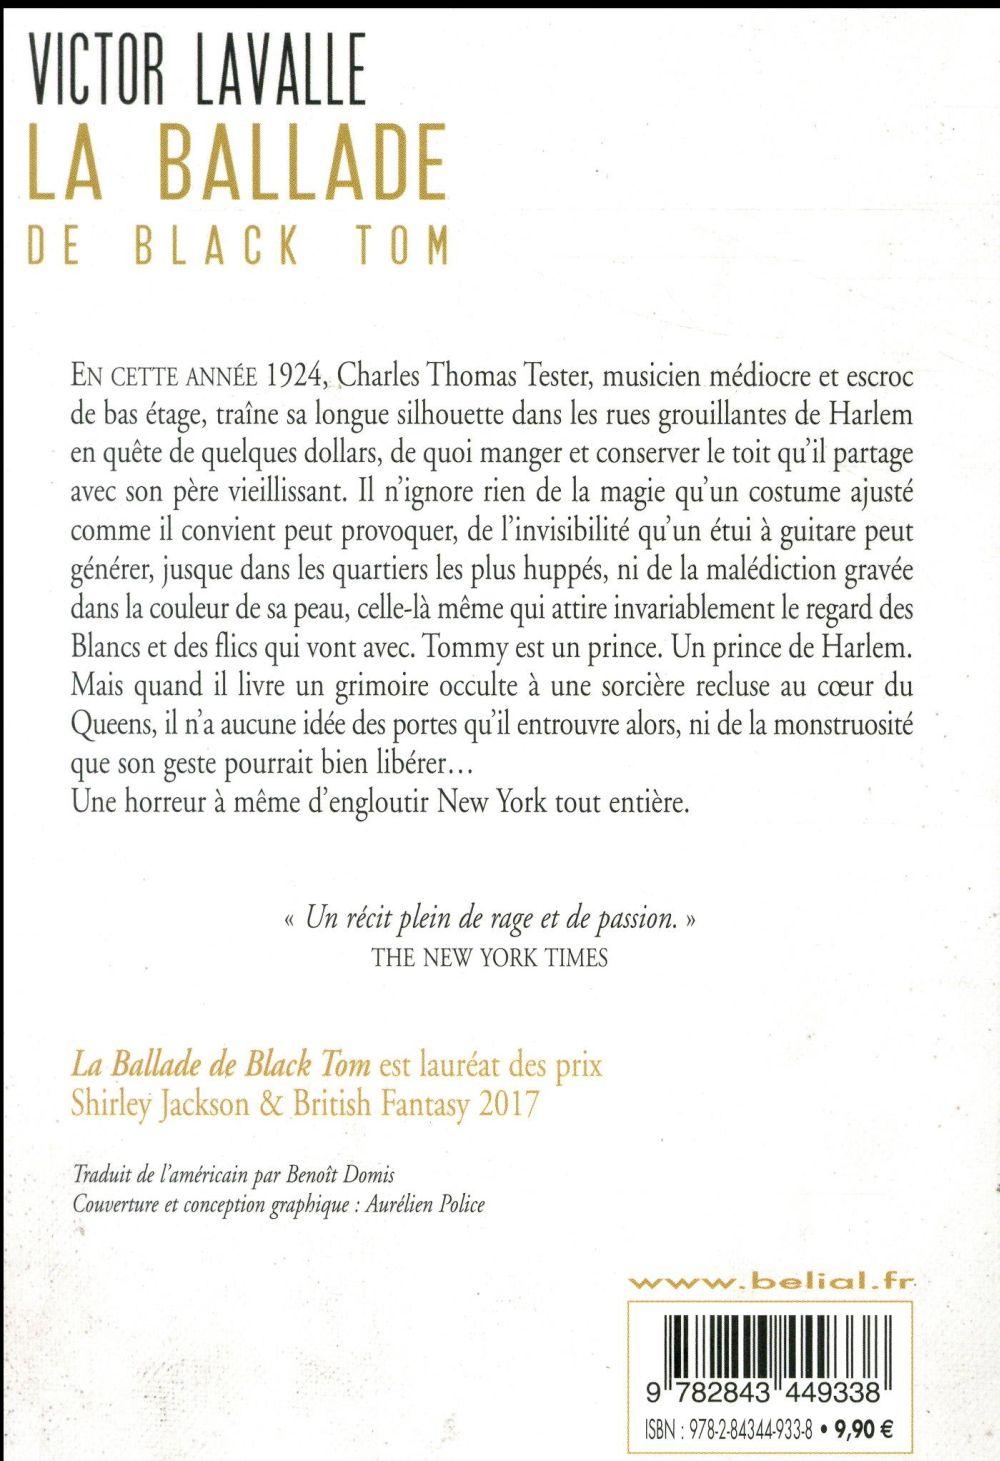 La ballade de Black Tom